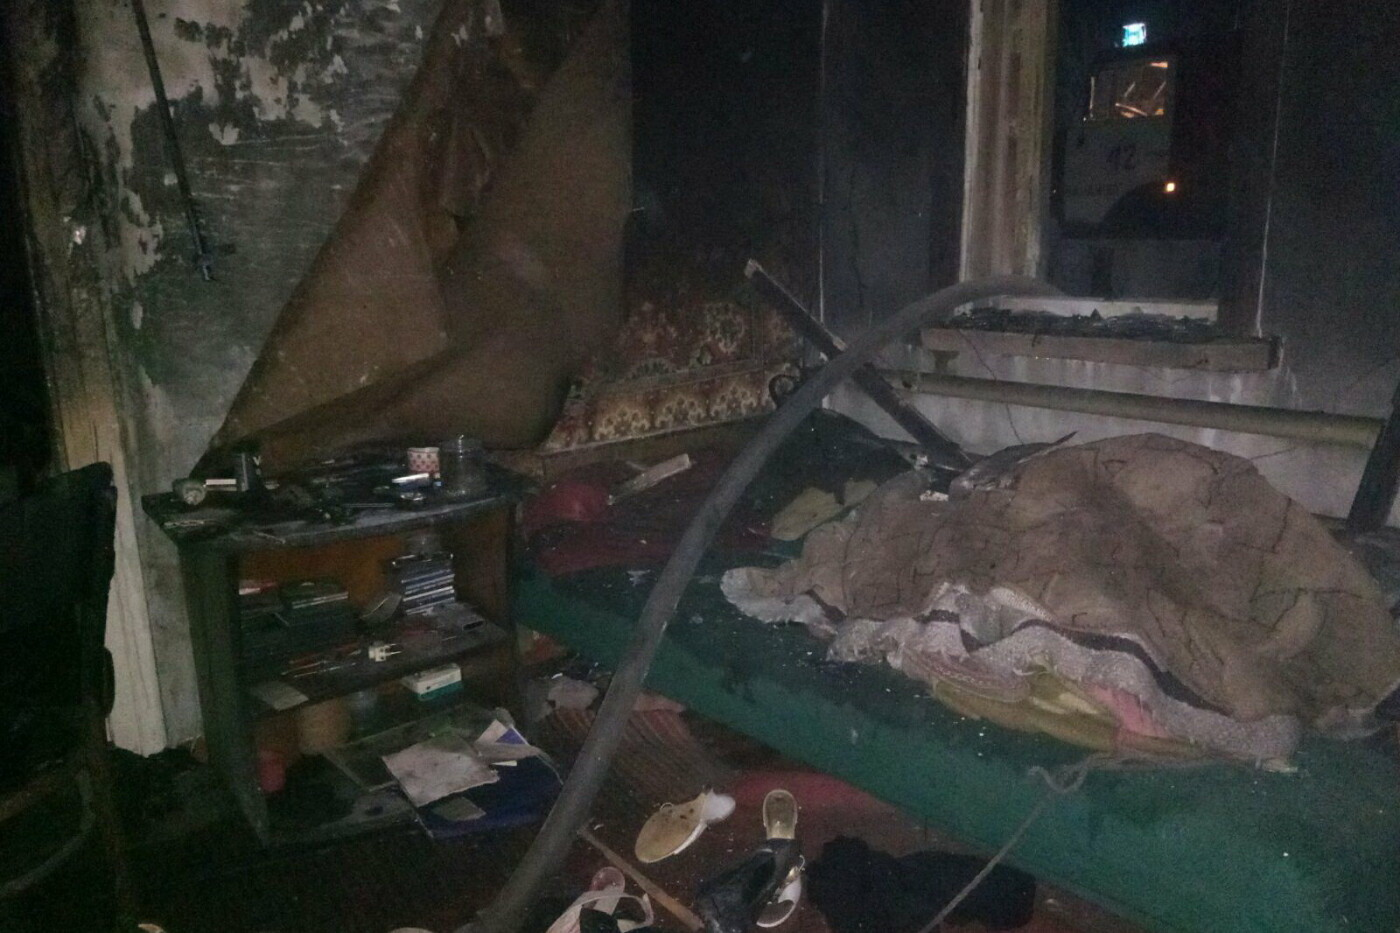 На Харьковщине спасатели во время тушения пожара нашли труп мужчины, - ФОТО, фото-2